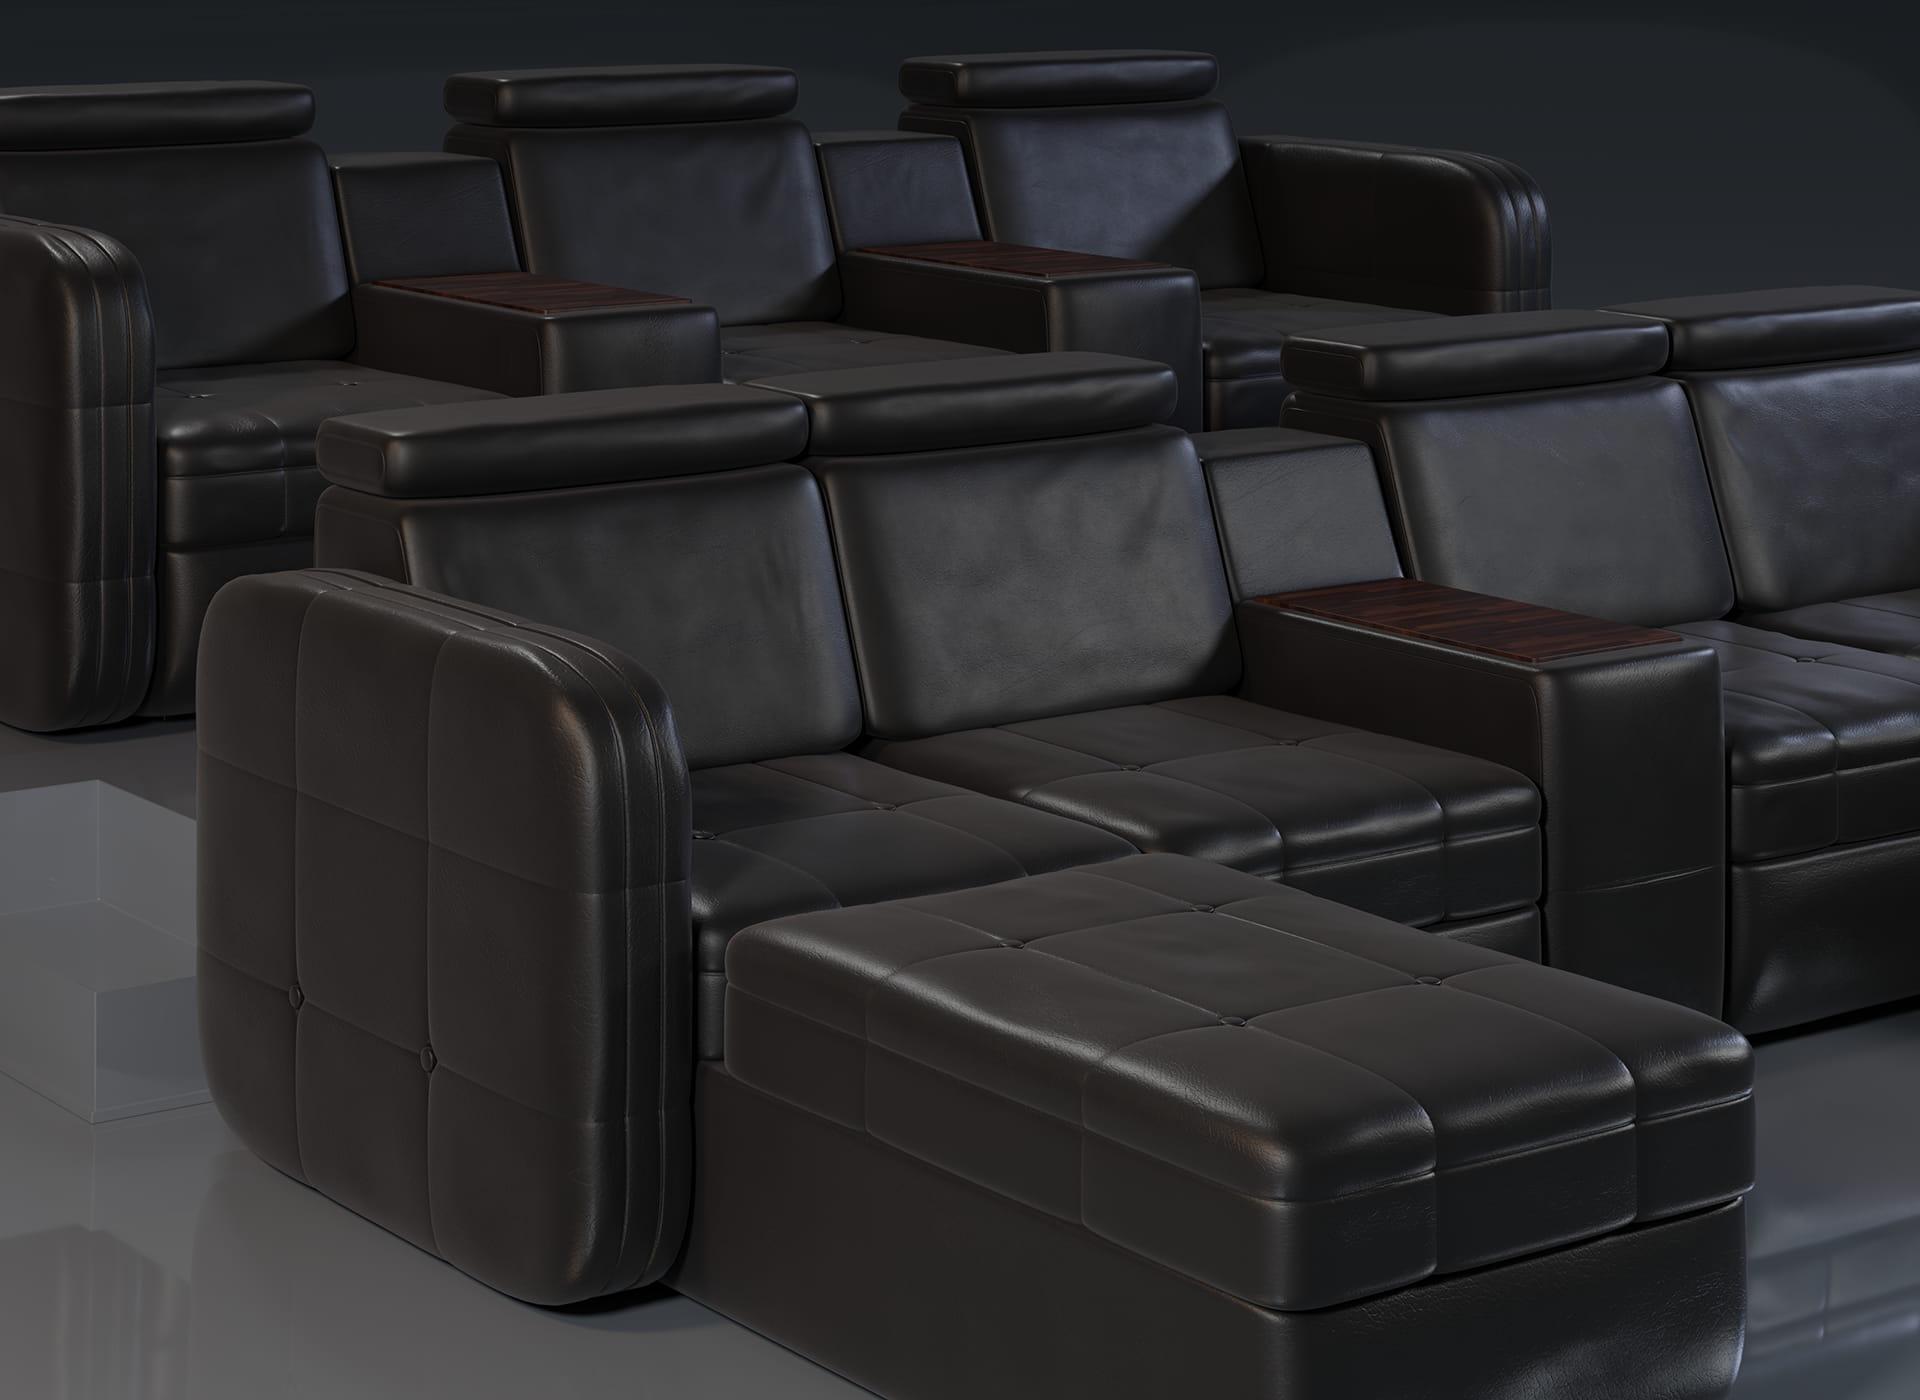 Projekt modelu 3d foteli kinowych / sofa kinowa do kina, czarna skóra oraz wykończenie drewnem - przybliżenie